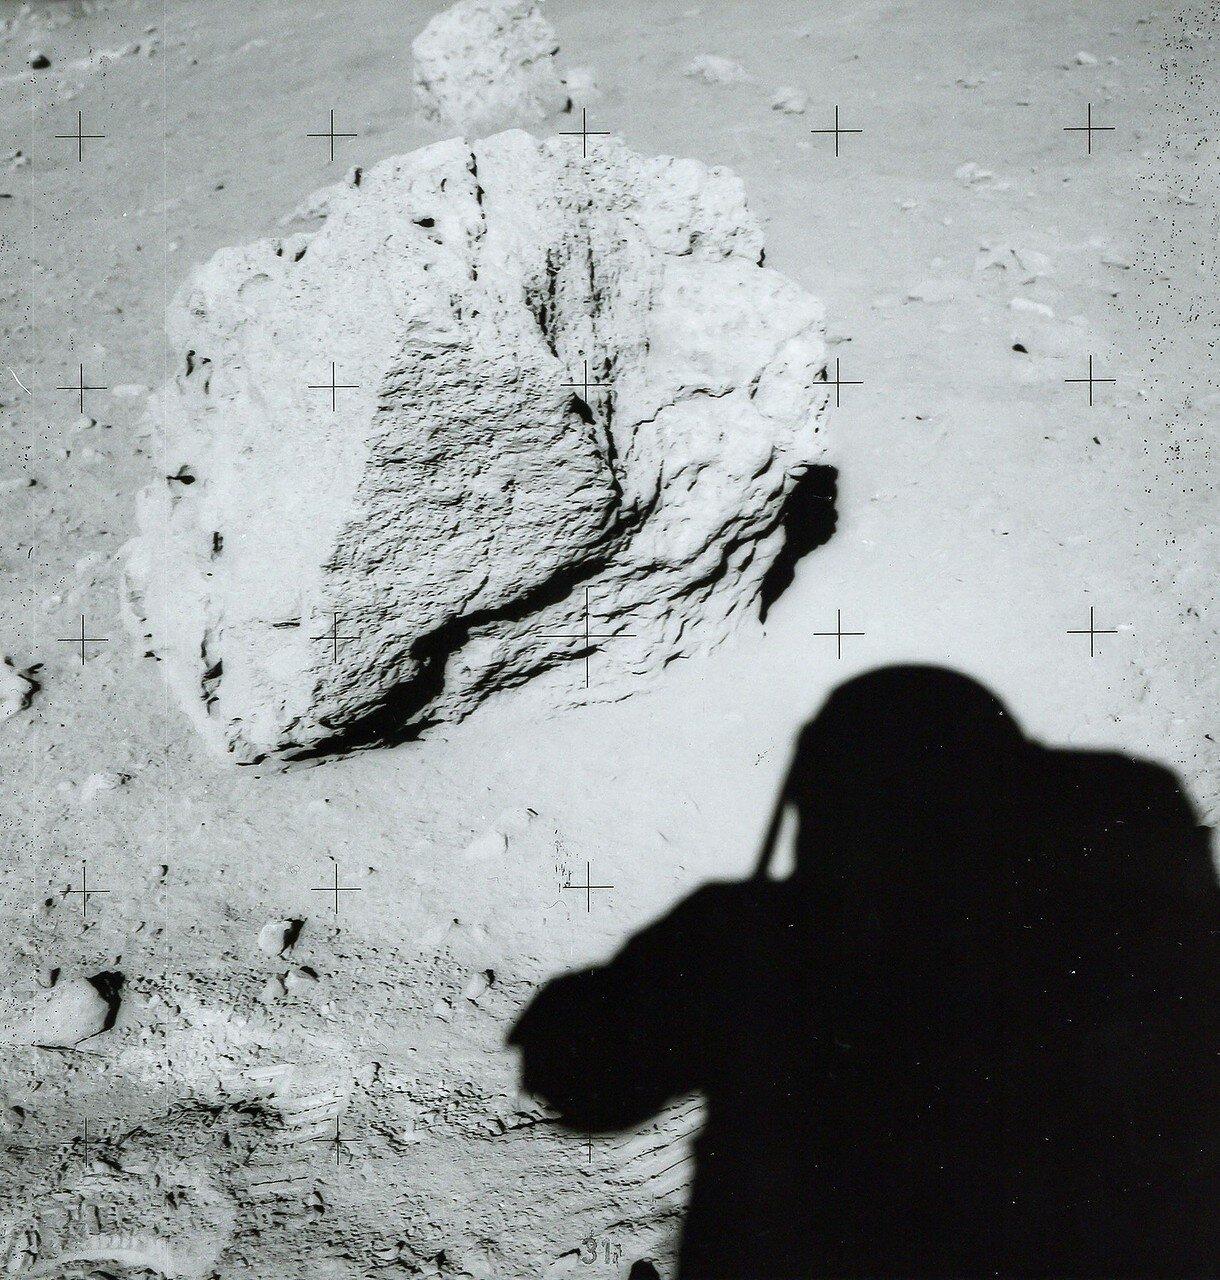 Они сделали 16 фотографий валуна, Скотт молотком отколол от него несколько кусков, которые они собрали, и затем астронавты даже перевернули валун и взяли образцы грунта из-под него, чтобы можно было узнать, как долго он на этом месте пролежал